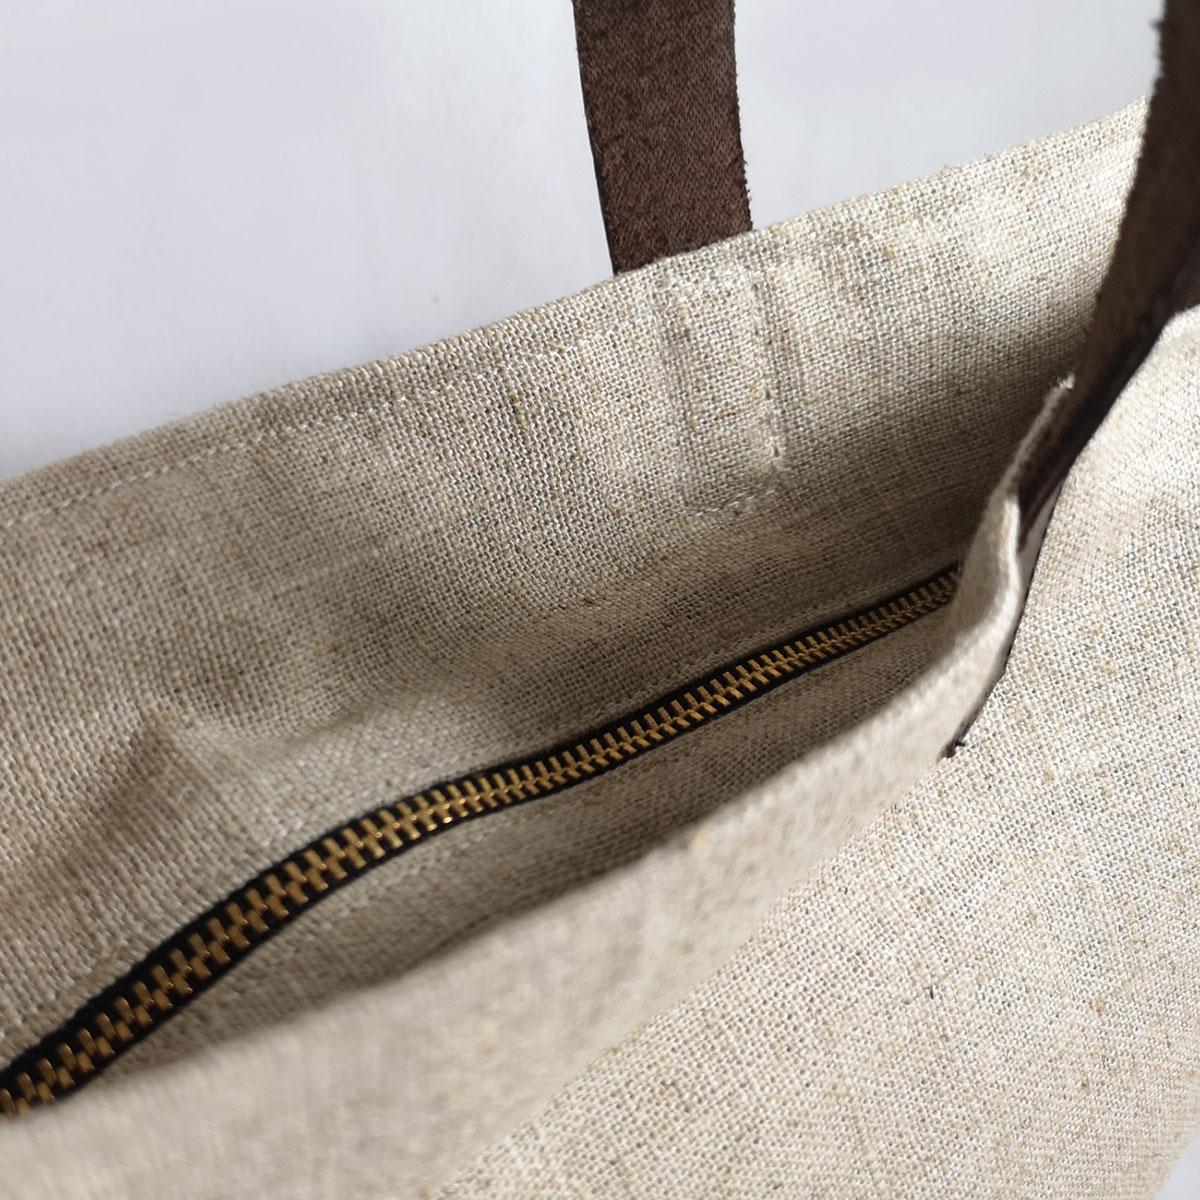 golden-ykk-zipper